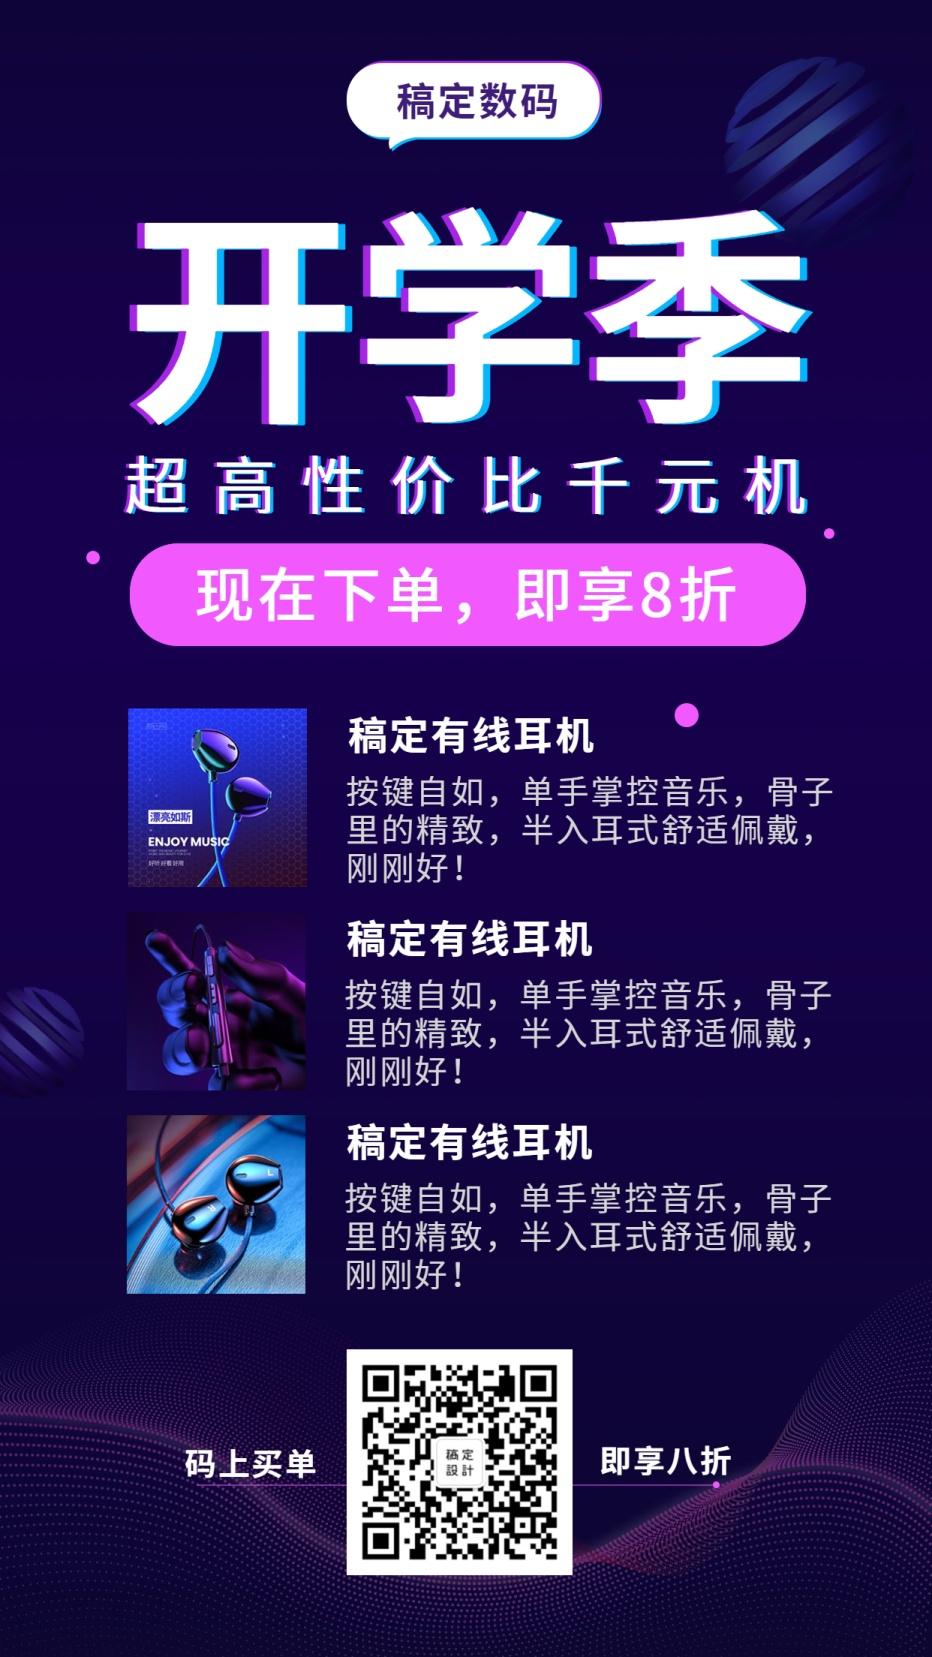 开学/科技数码/促销/手机海报